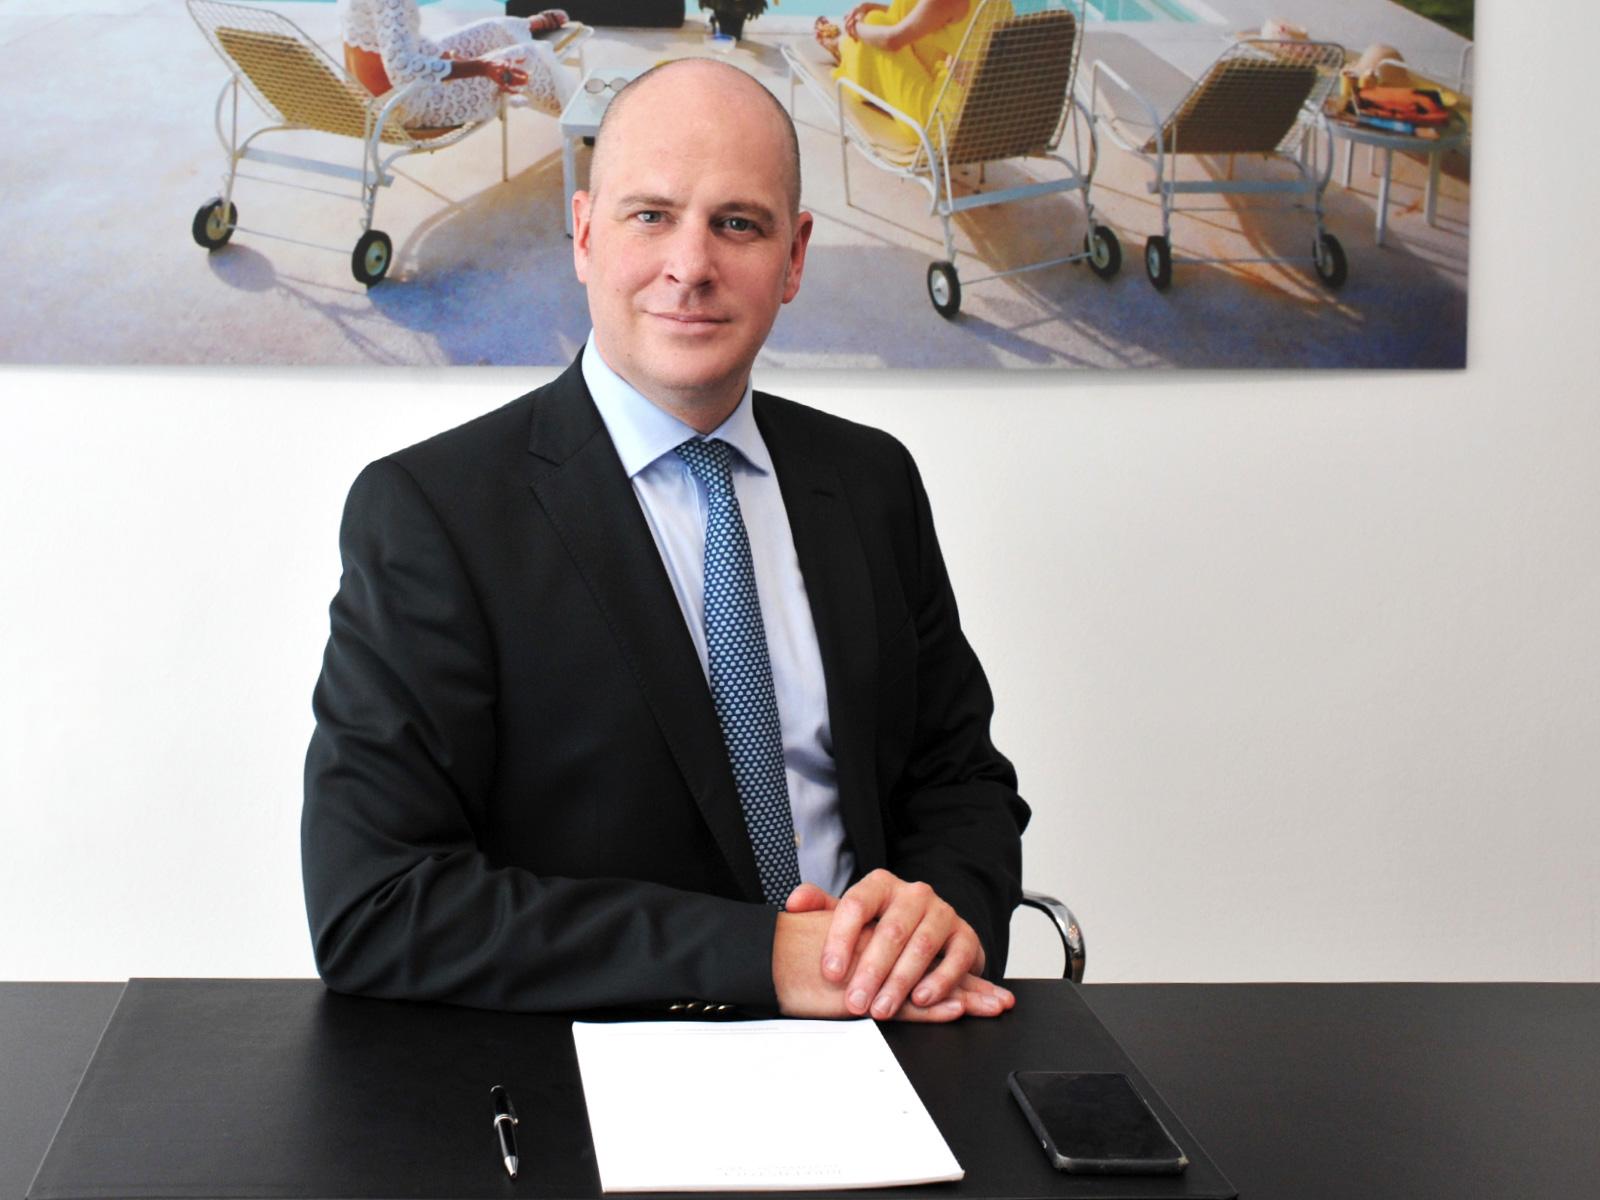 Rechtanswalt Martin Bücher - Birkenstock Rechtsanwälte